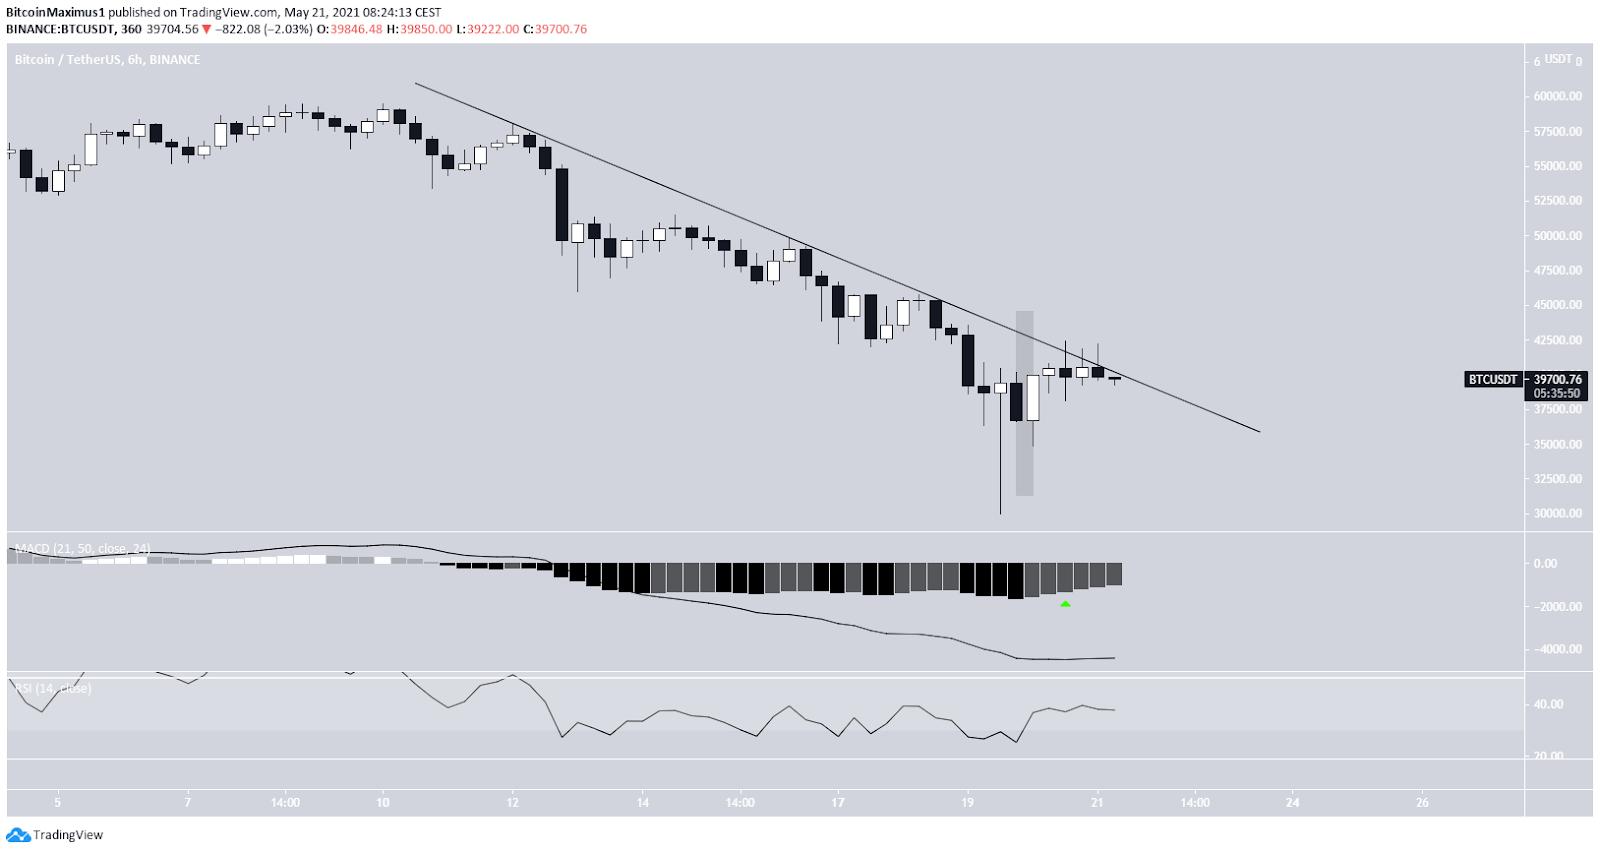 Bitcoin Kurs Preis Chart 6-Stunden-Ansicht 21.05.2021